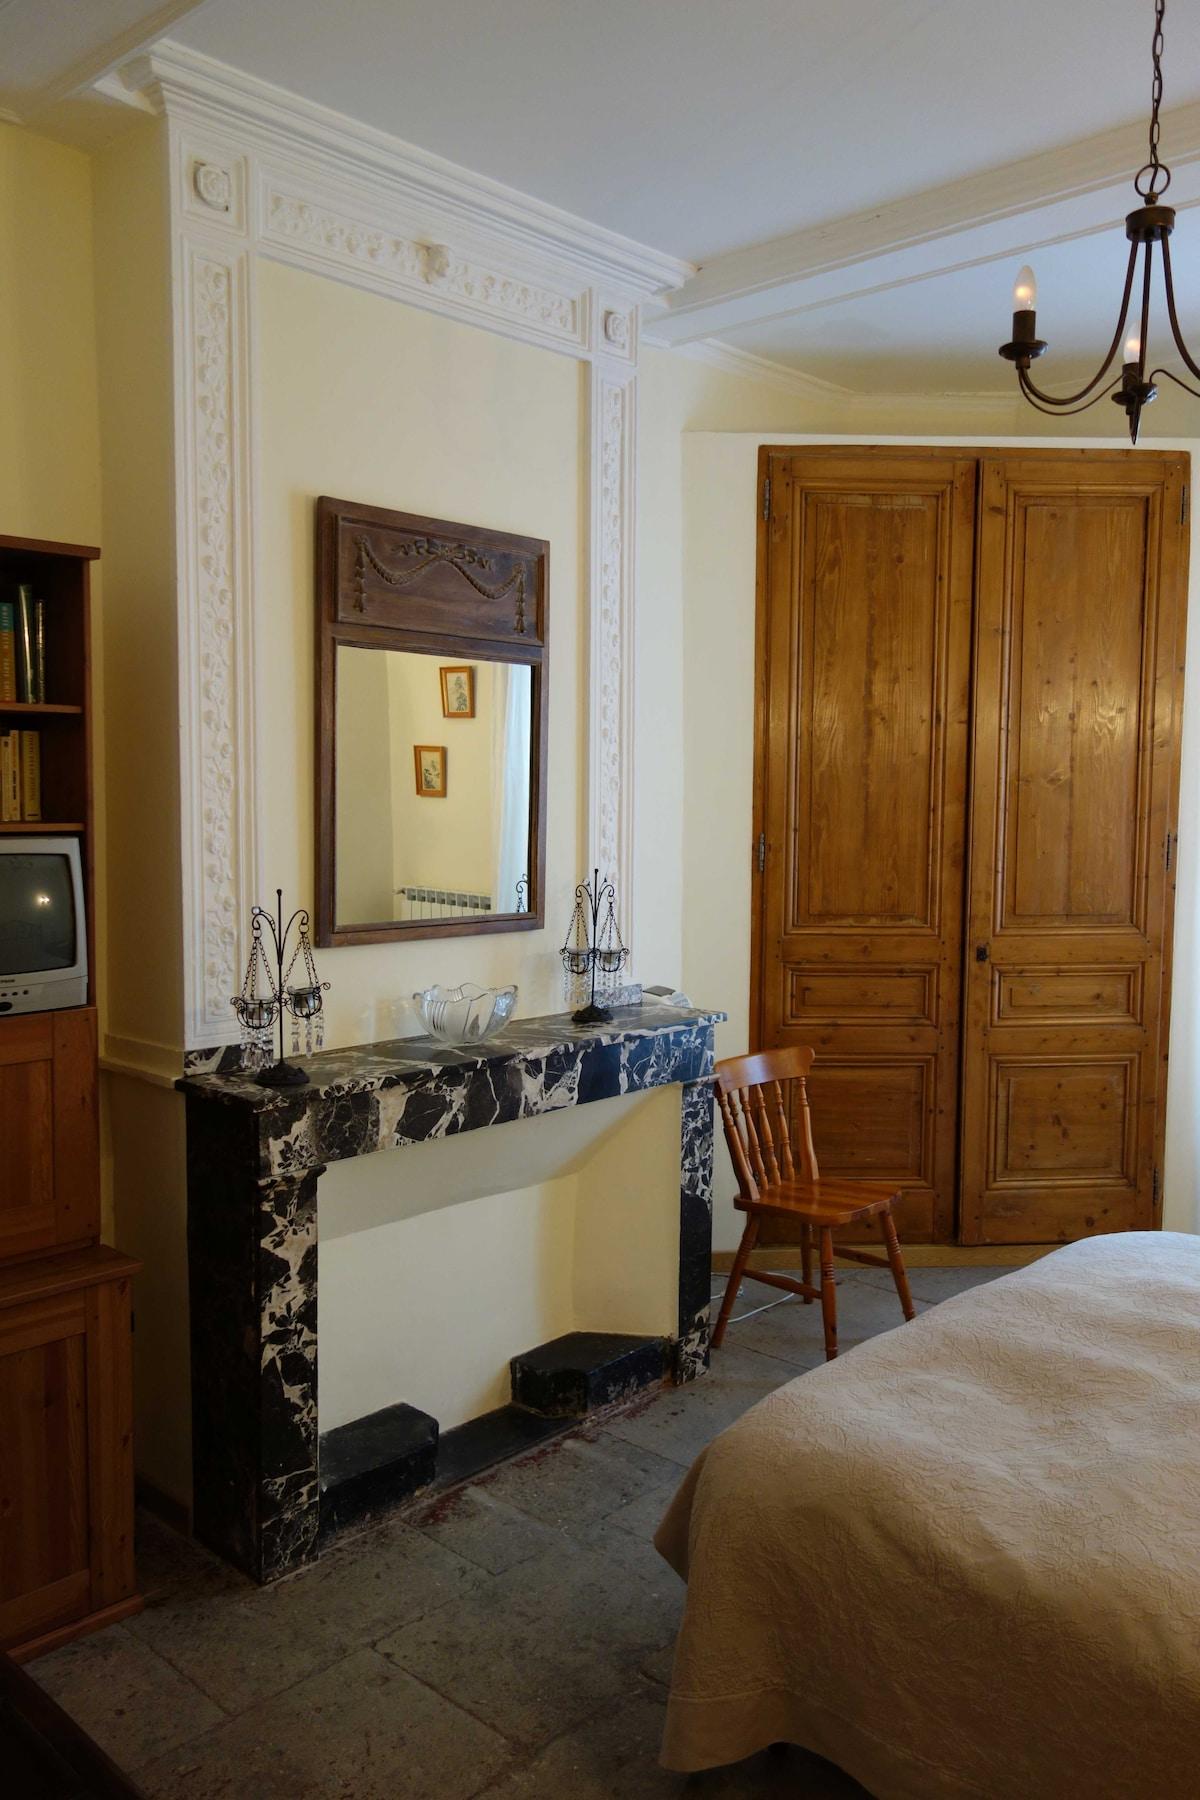 Une grande chambre, aménagée avec amour pour le détail.